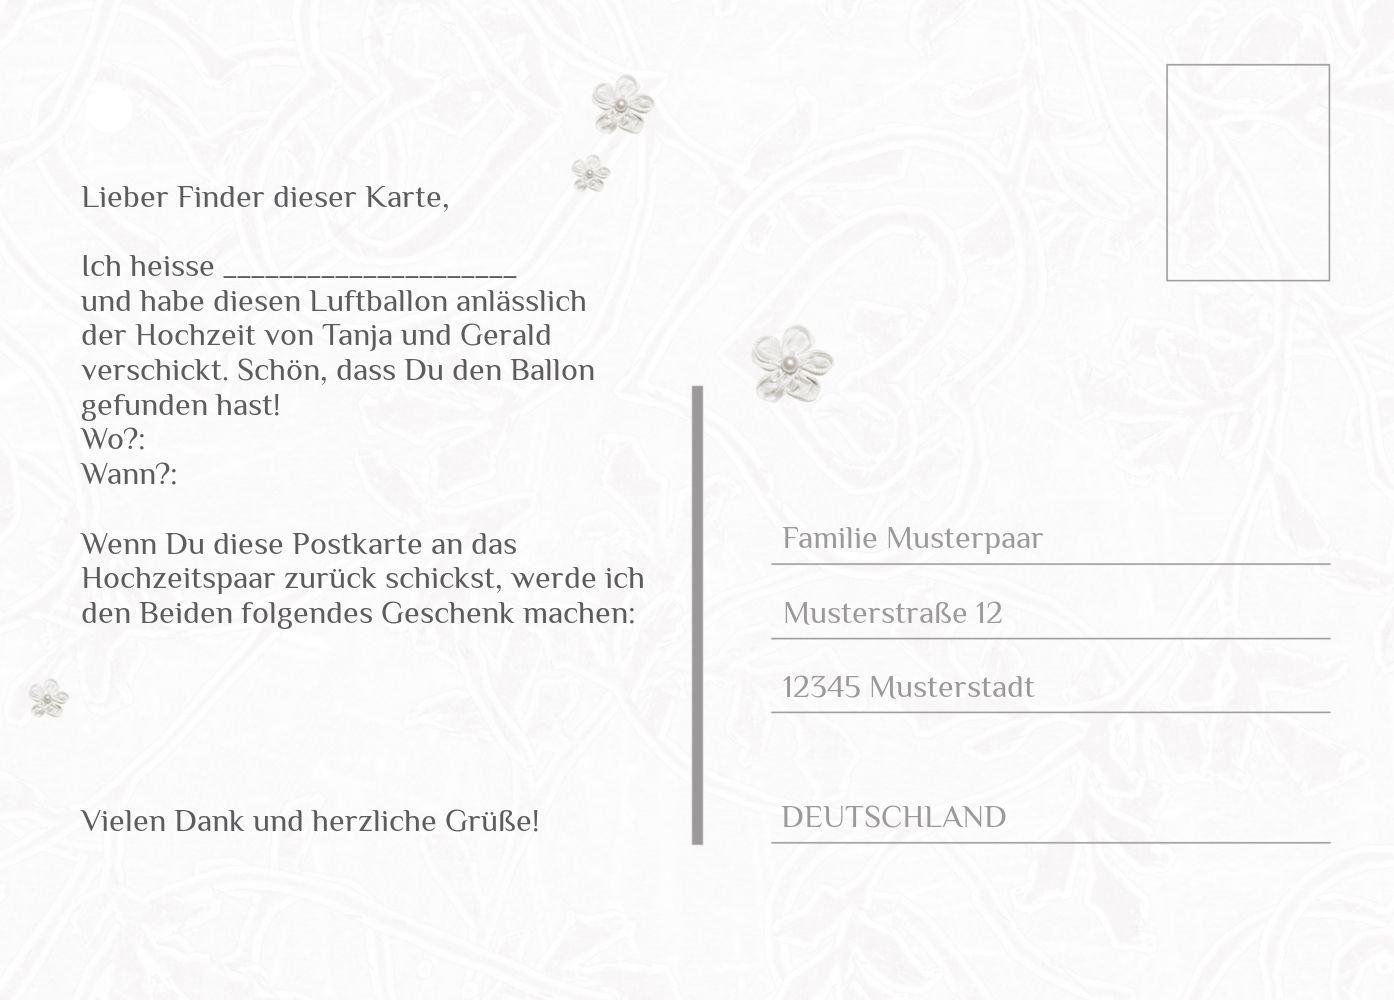 Ballonkarte sanfte Blüte, 80 Karten, MattBlauDunkler B07CQCCBV7 | Elegant Elegant Elegant Und Würdevoll  | Online Shop Europe  | Exquisite Verarbeitung  92356d